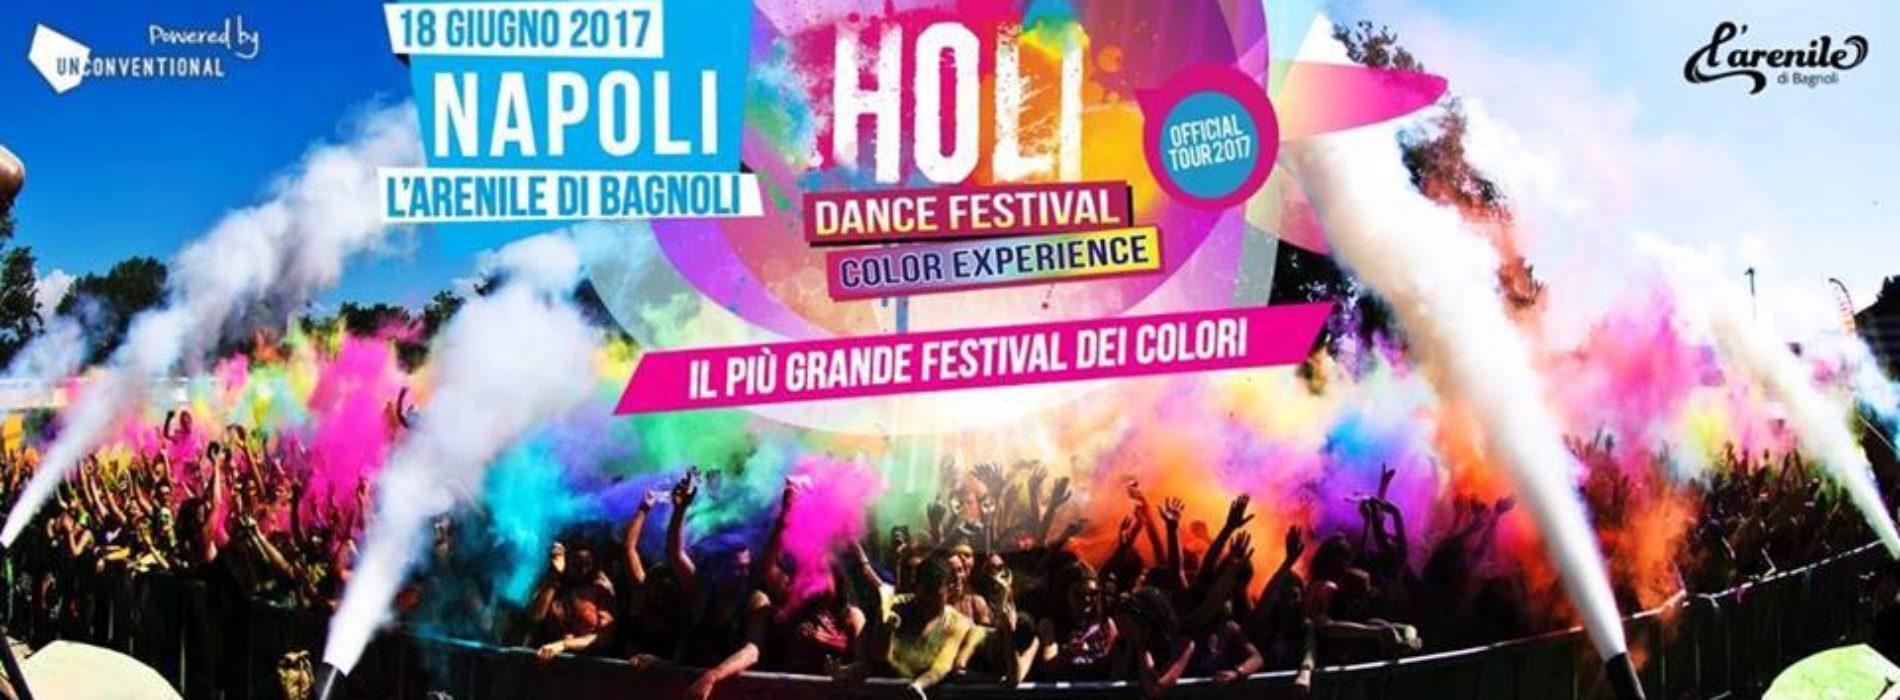 HOLI DANCE FESTIVAL NAPOLI: l'imperdibile festa dei colori